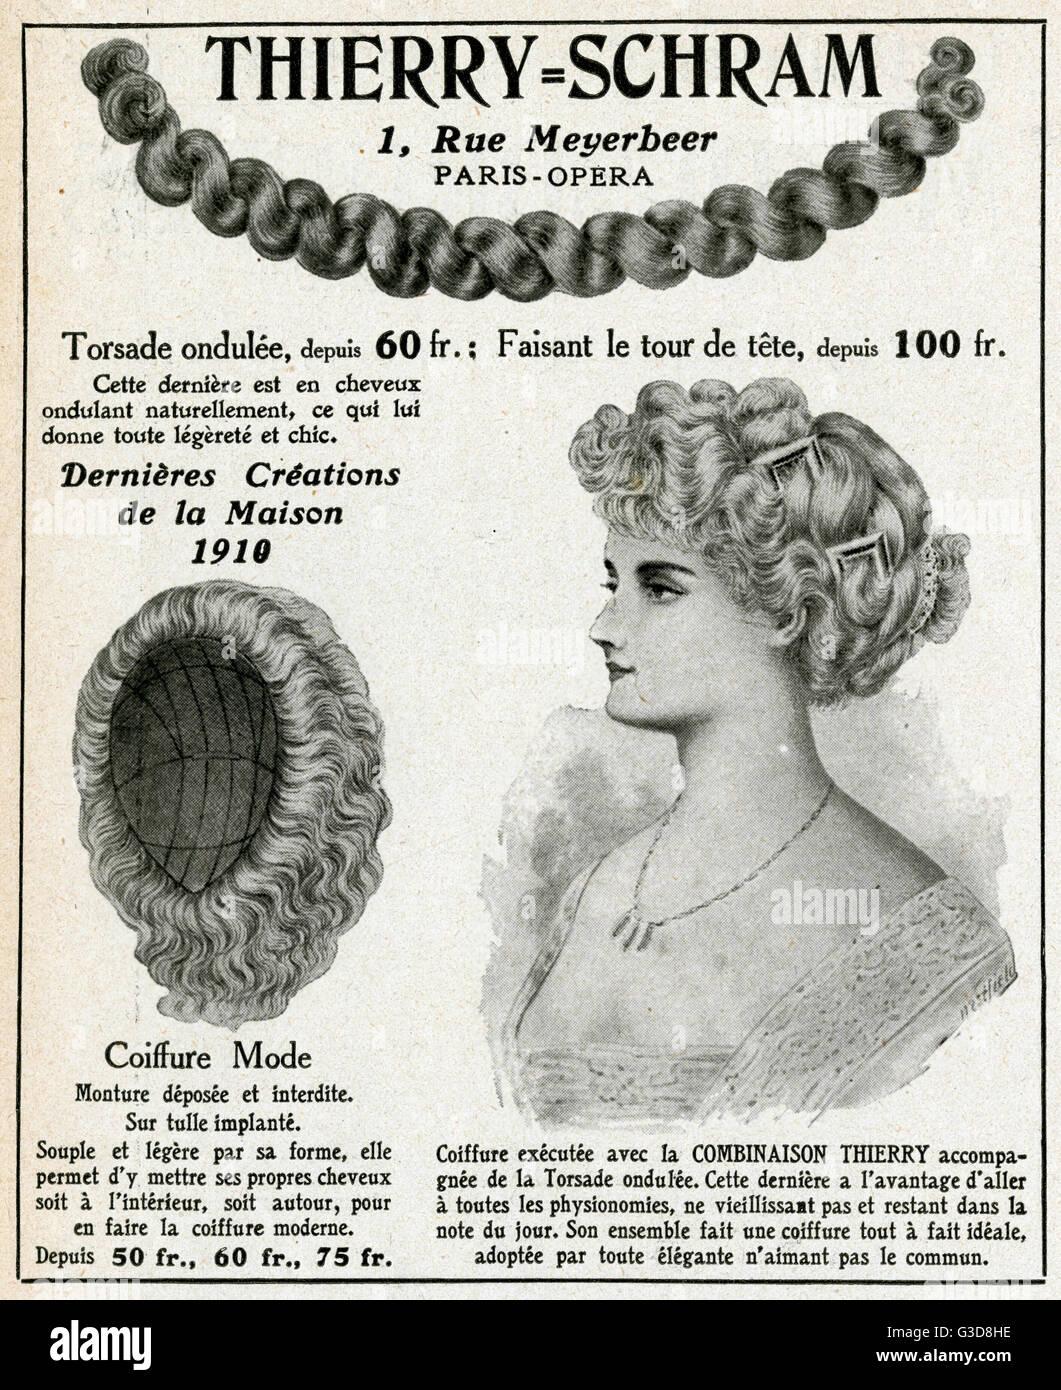 Coiffure flessibile hairpiece con una estensione ritorta, disponibile da Thierry Schram. Data: 1910 Immagini Stock